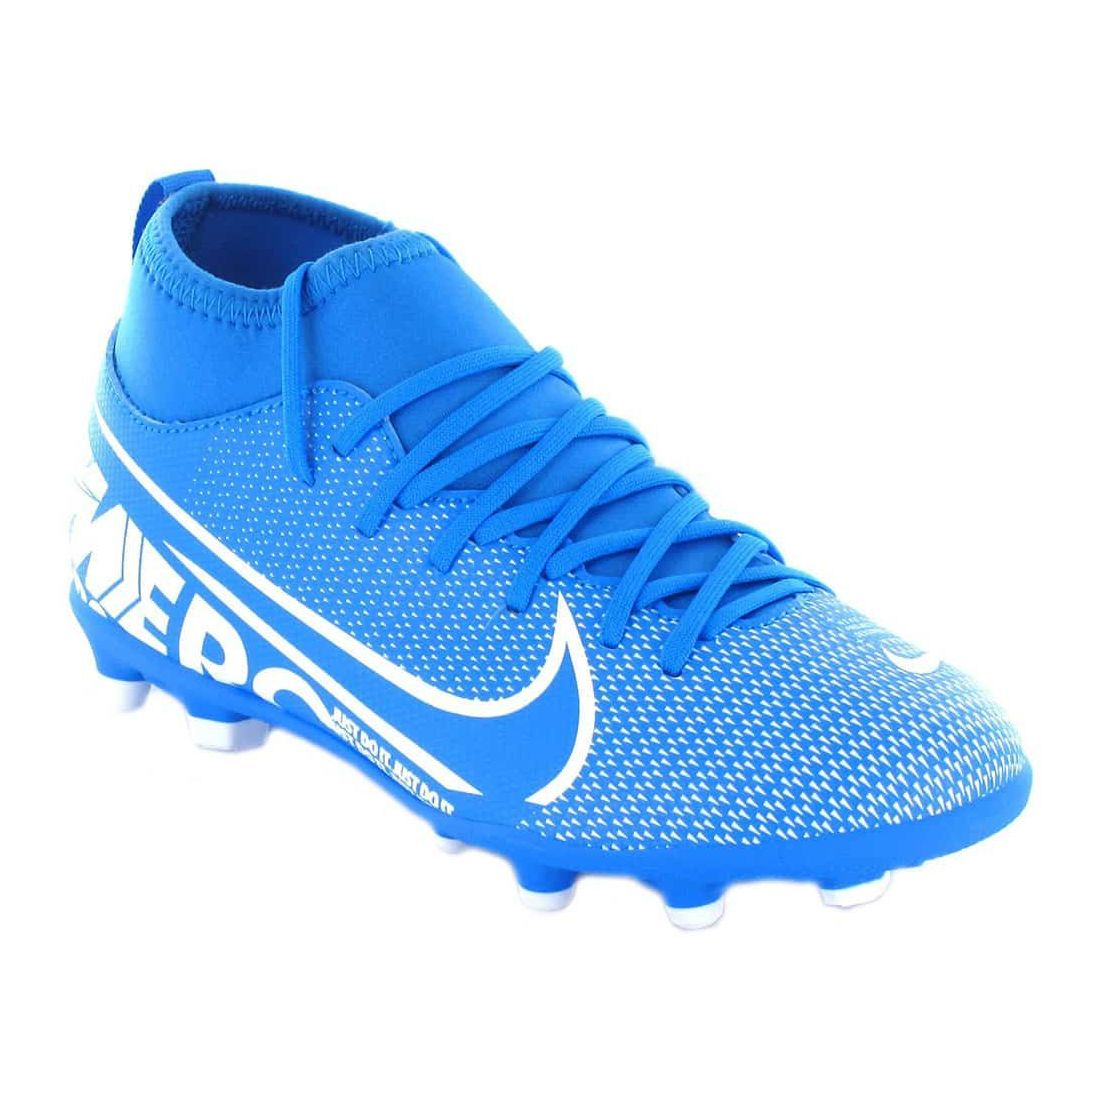 Nike Jr. Superfly 7 Club FG/MG